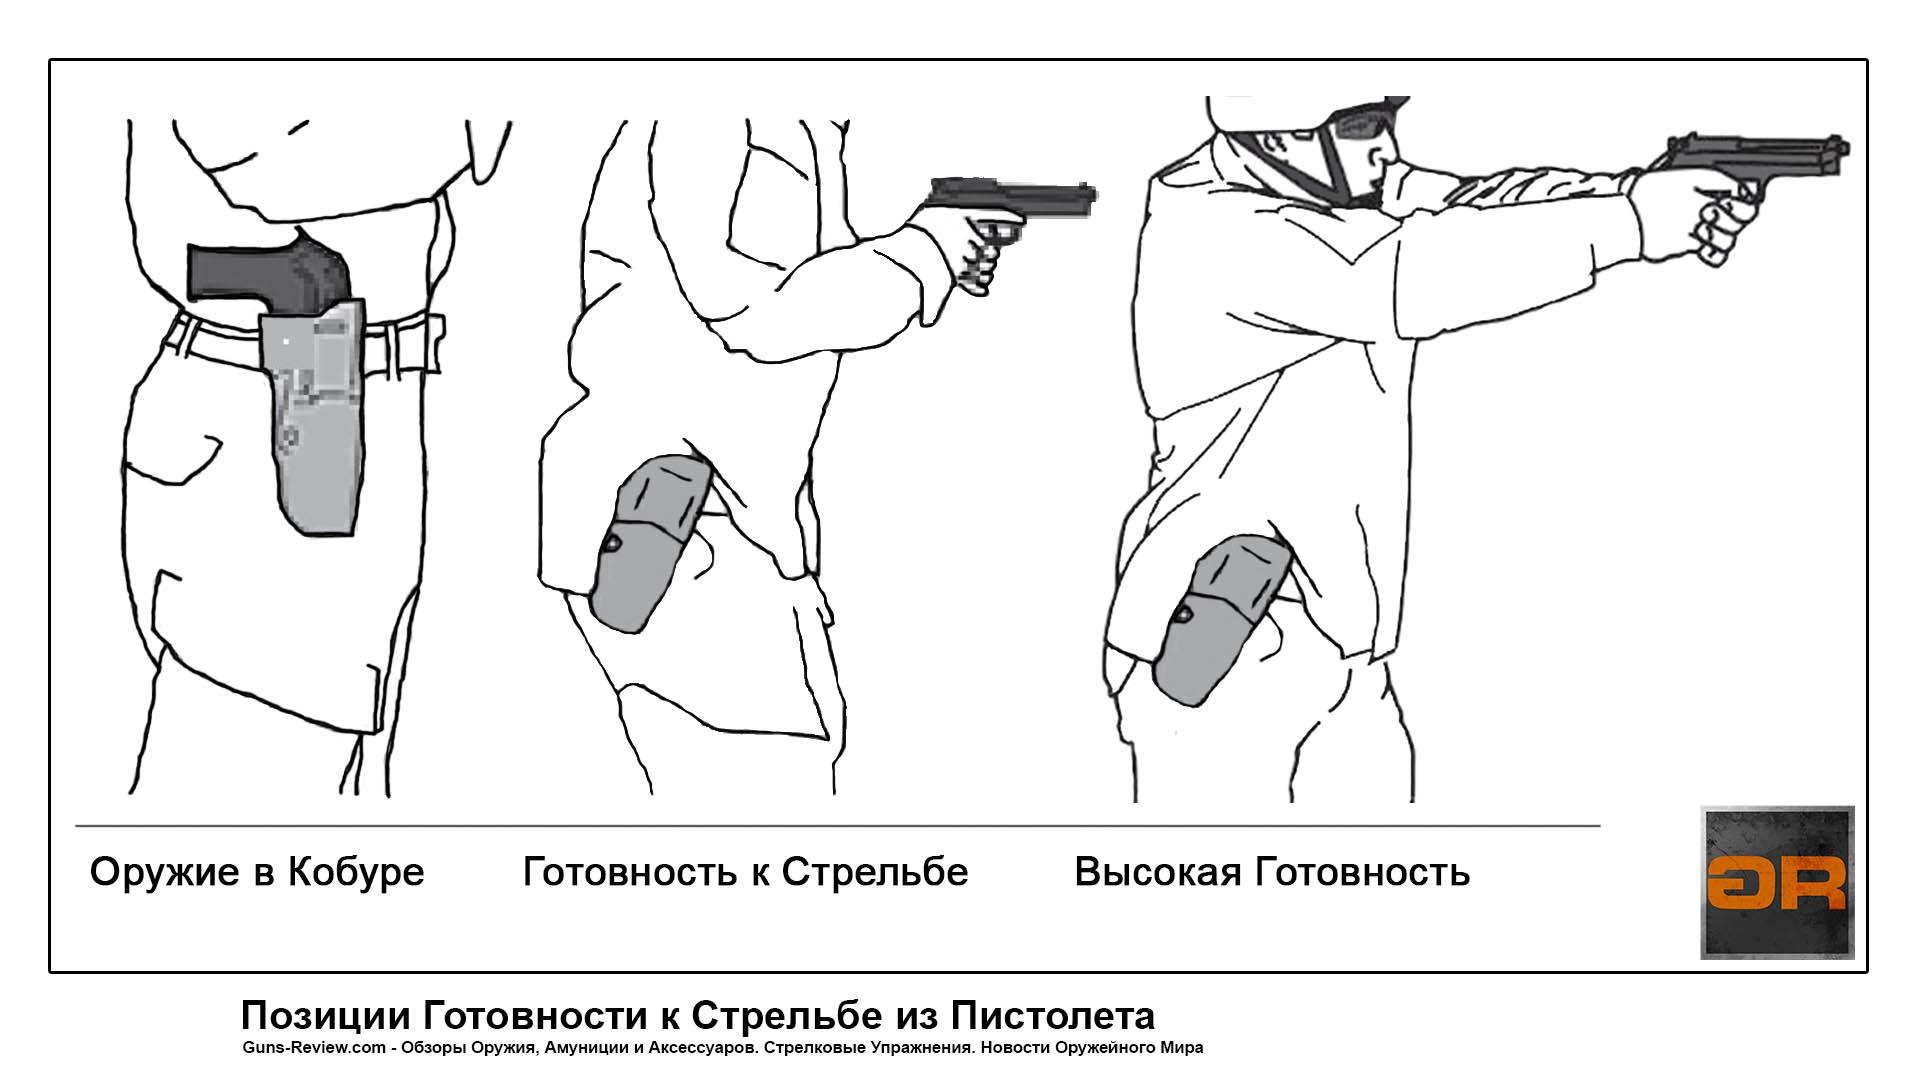 Позиции готовности к стрельбе из пистолета / US ARMY Pistol, 2017. Перевод и адаптация Guns-Review.com